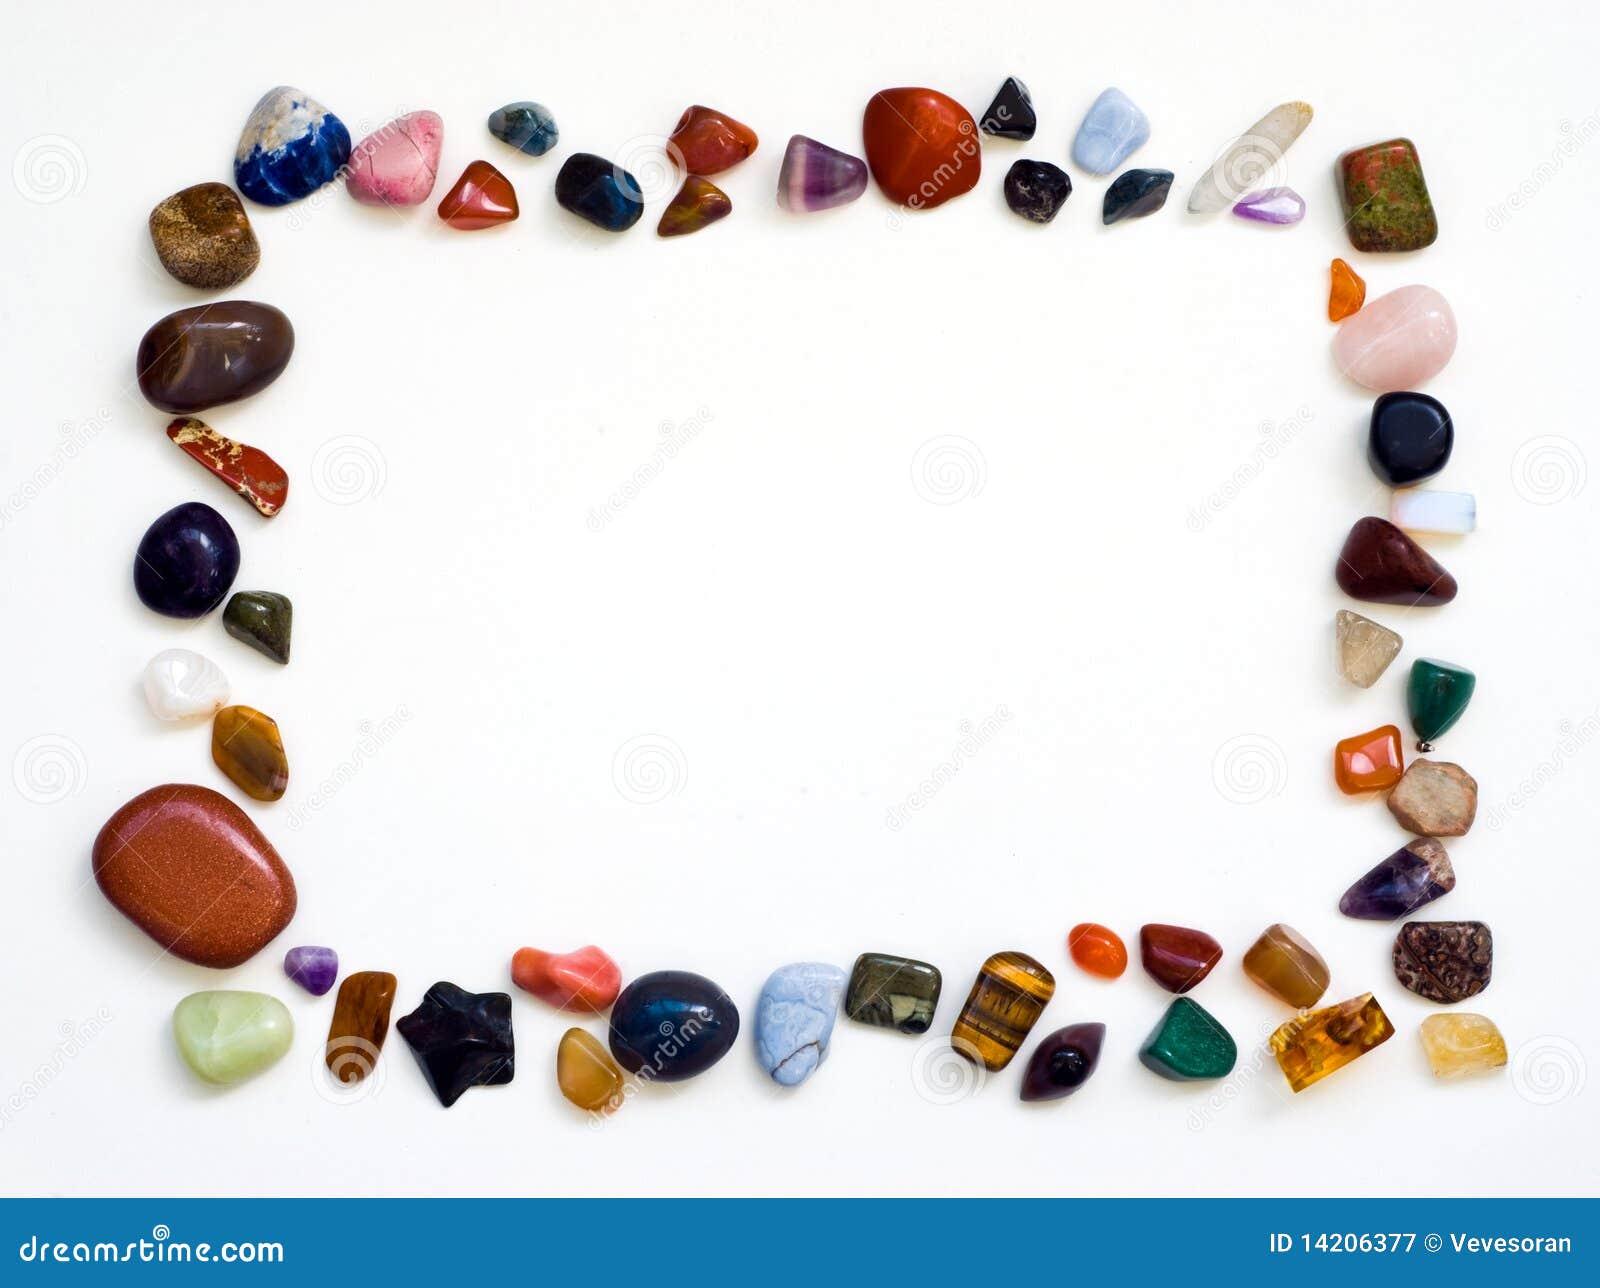 Trame de pierres gemmes